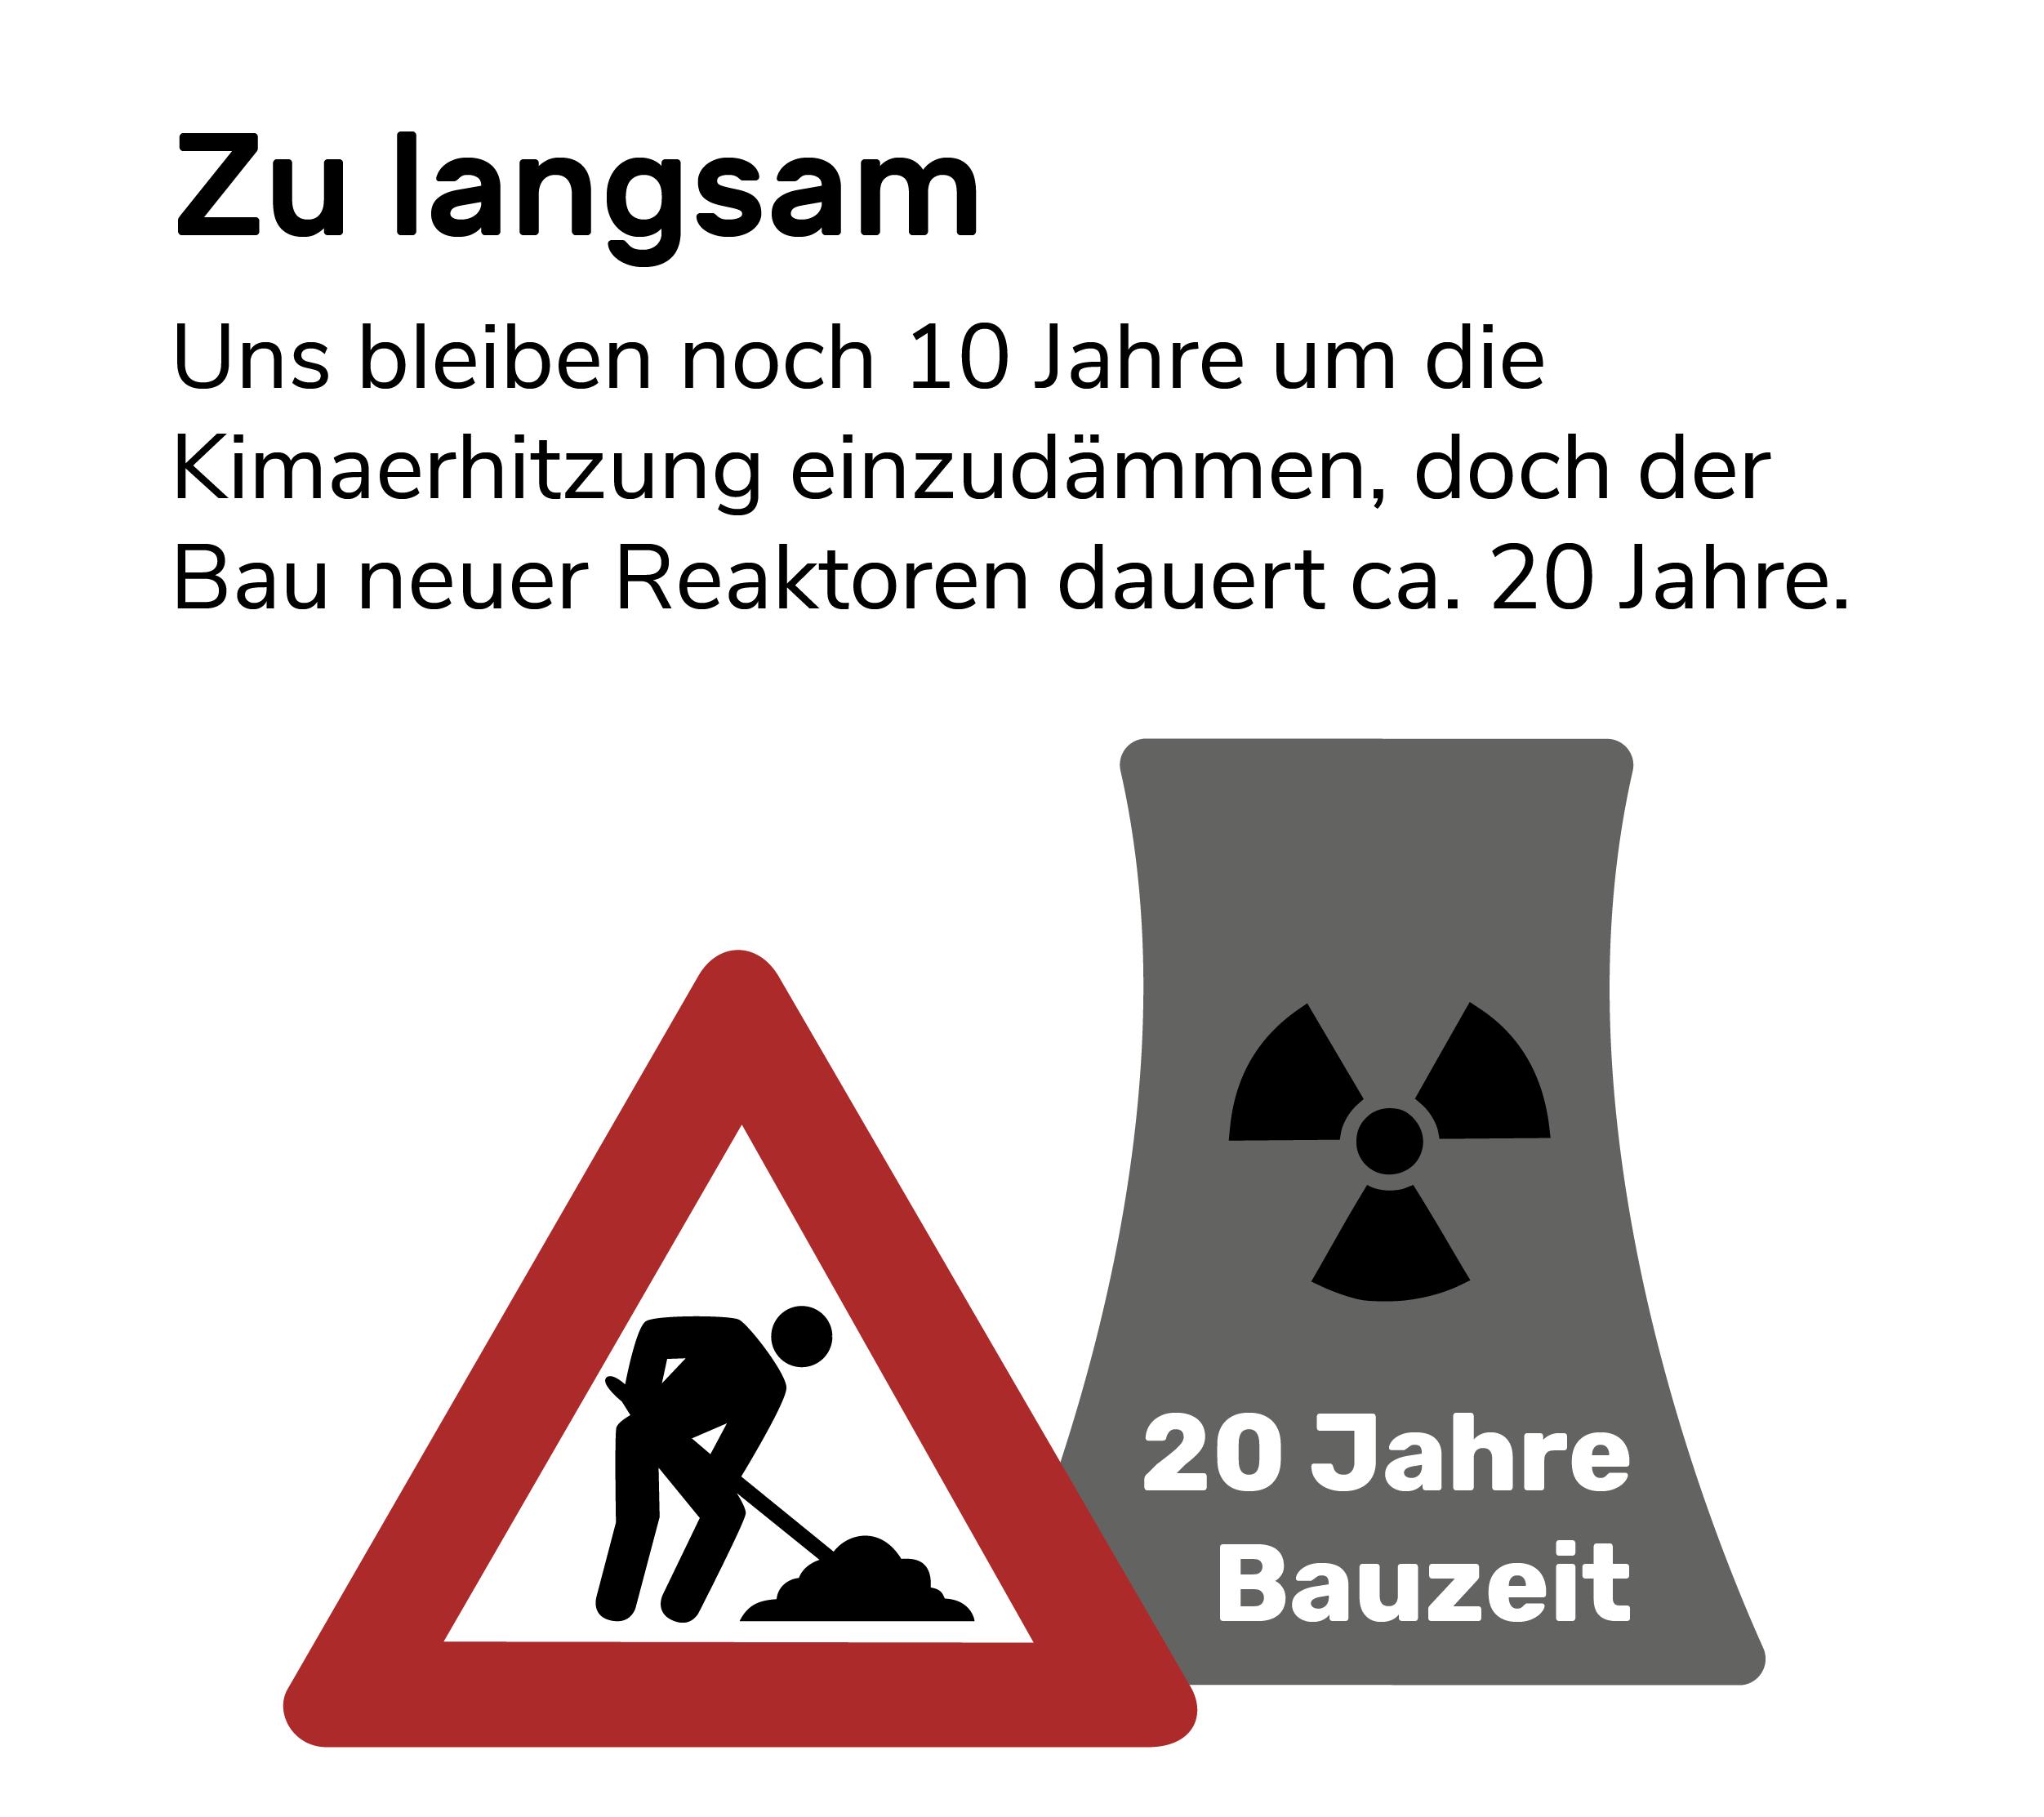 Infografik: Atomkraft in keine Klimaschutzmaßnahme weil AKWs eine Bauzeit von 20 Jahren haben, bis dahin ist es zu spät.